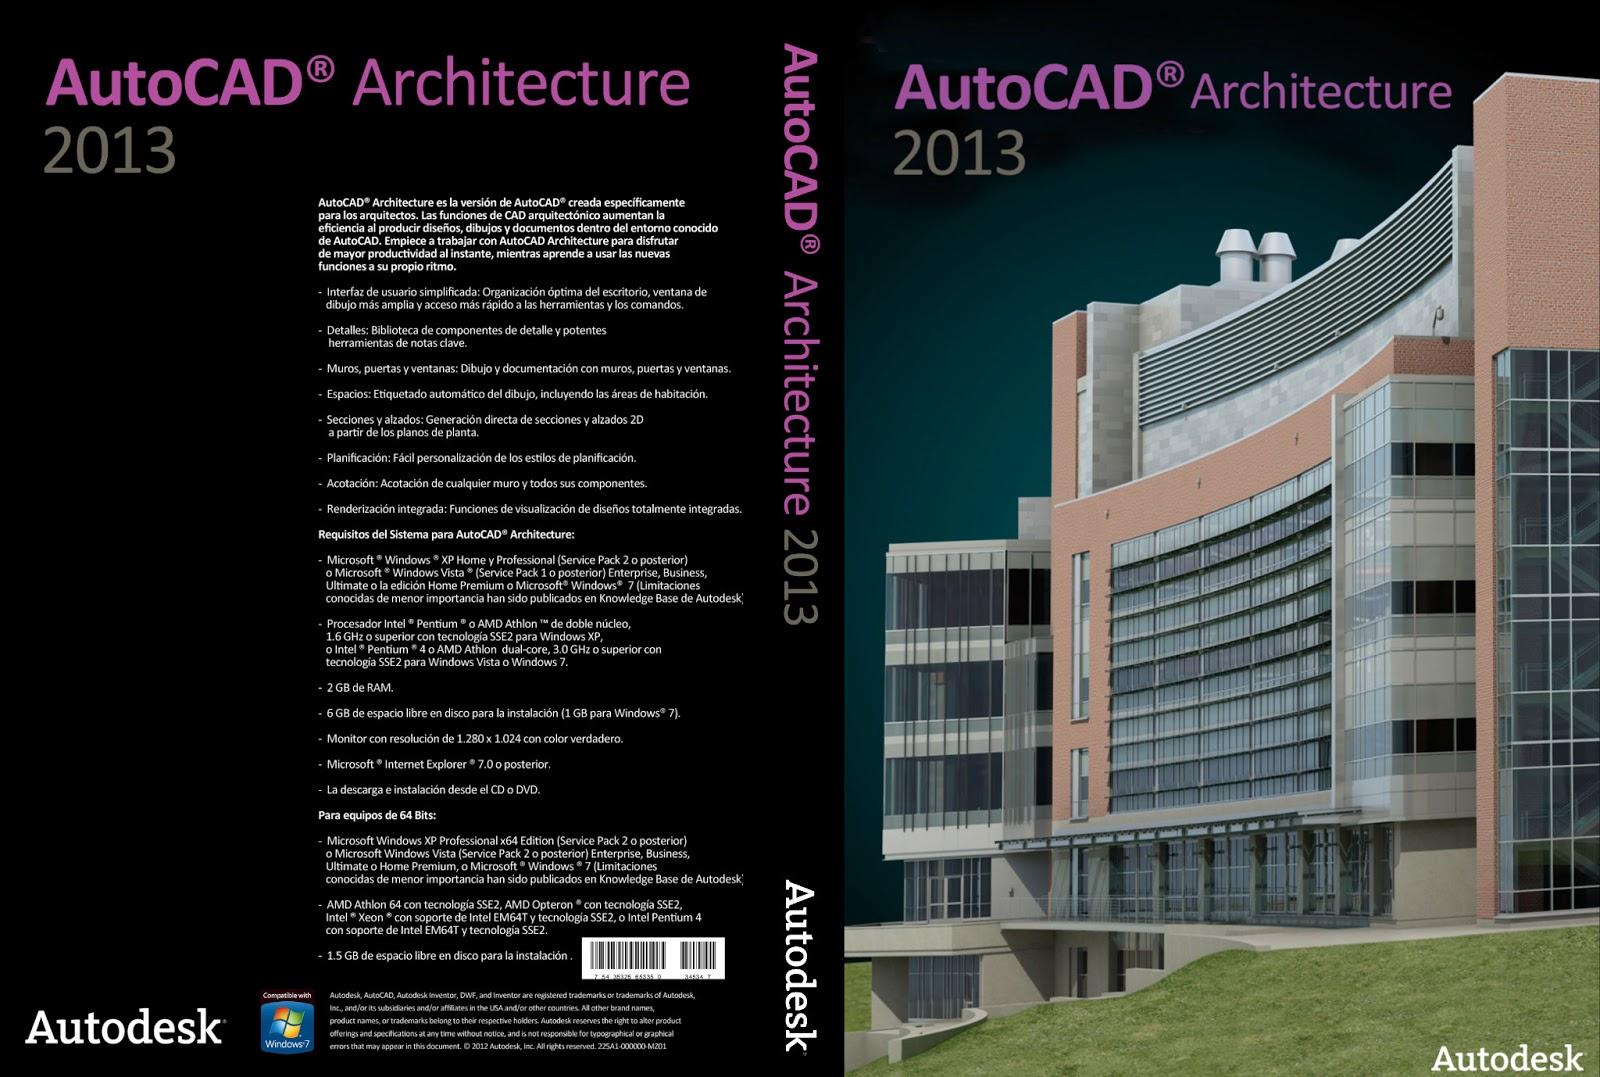 Autodesk Autocad Architecture 2013 SP1 X86 X64 autocad architecture 2013 XANDAODOWNLOAD